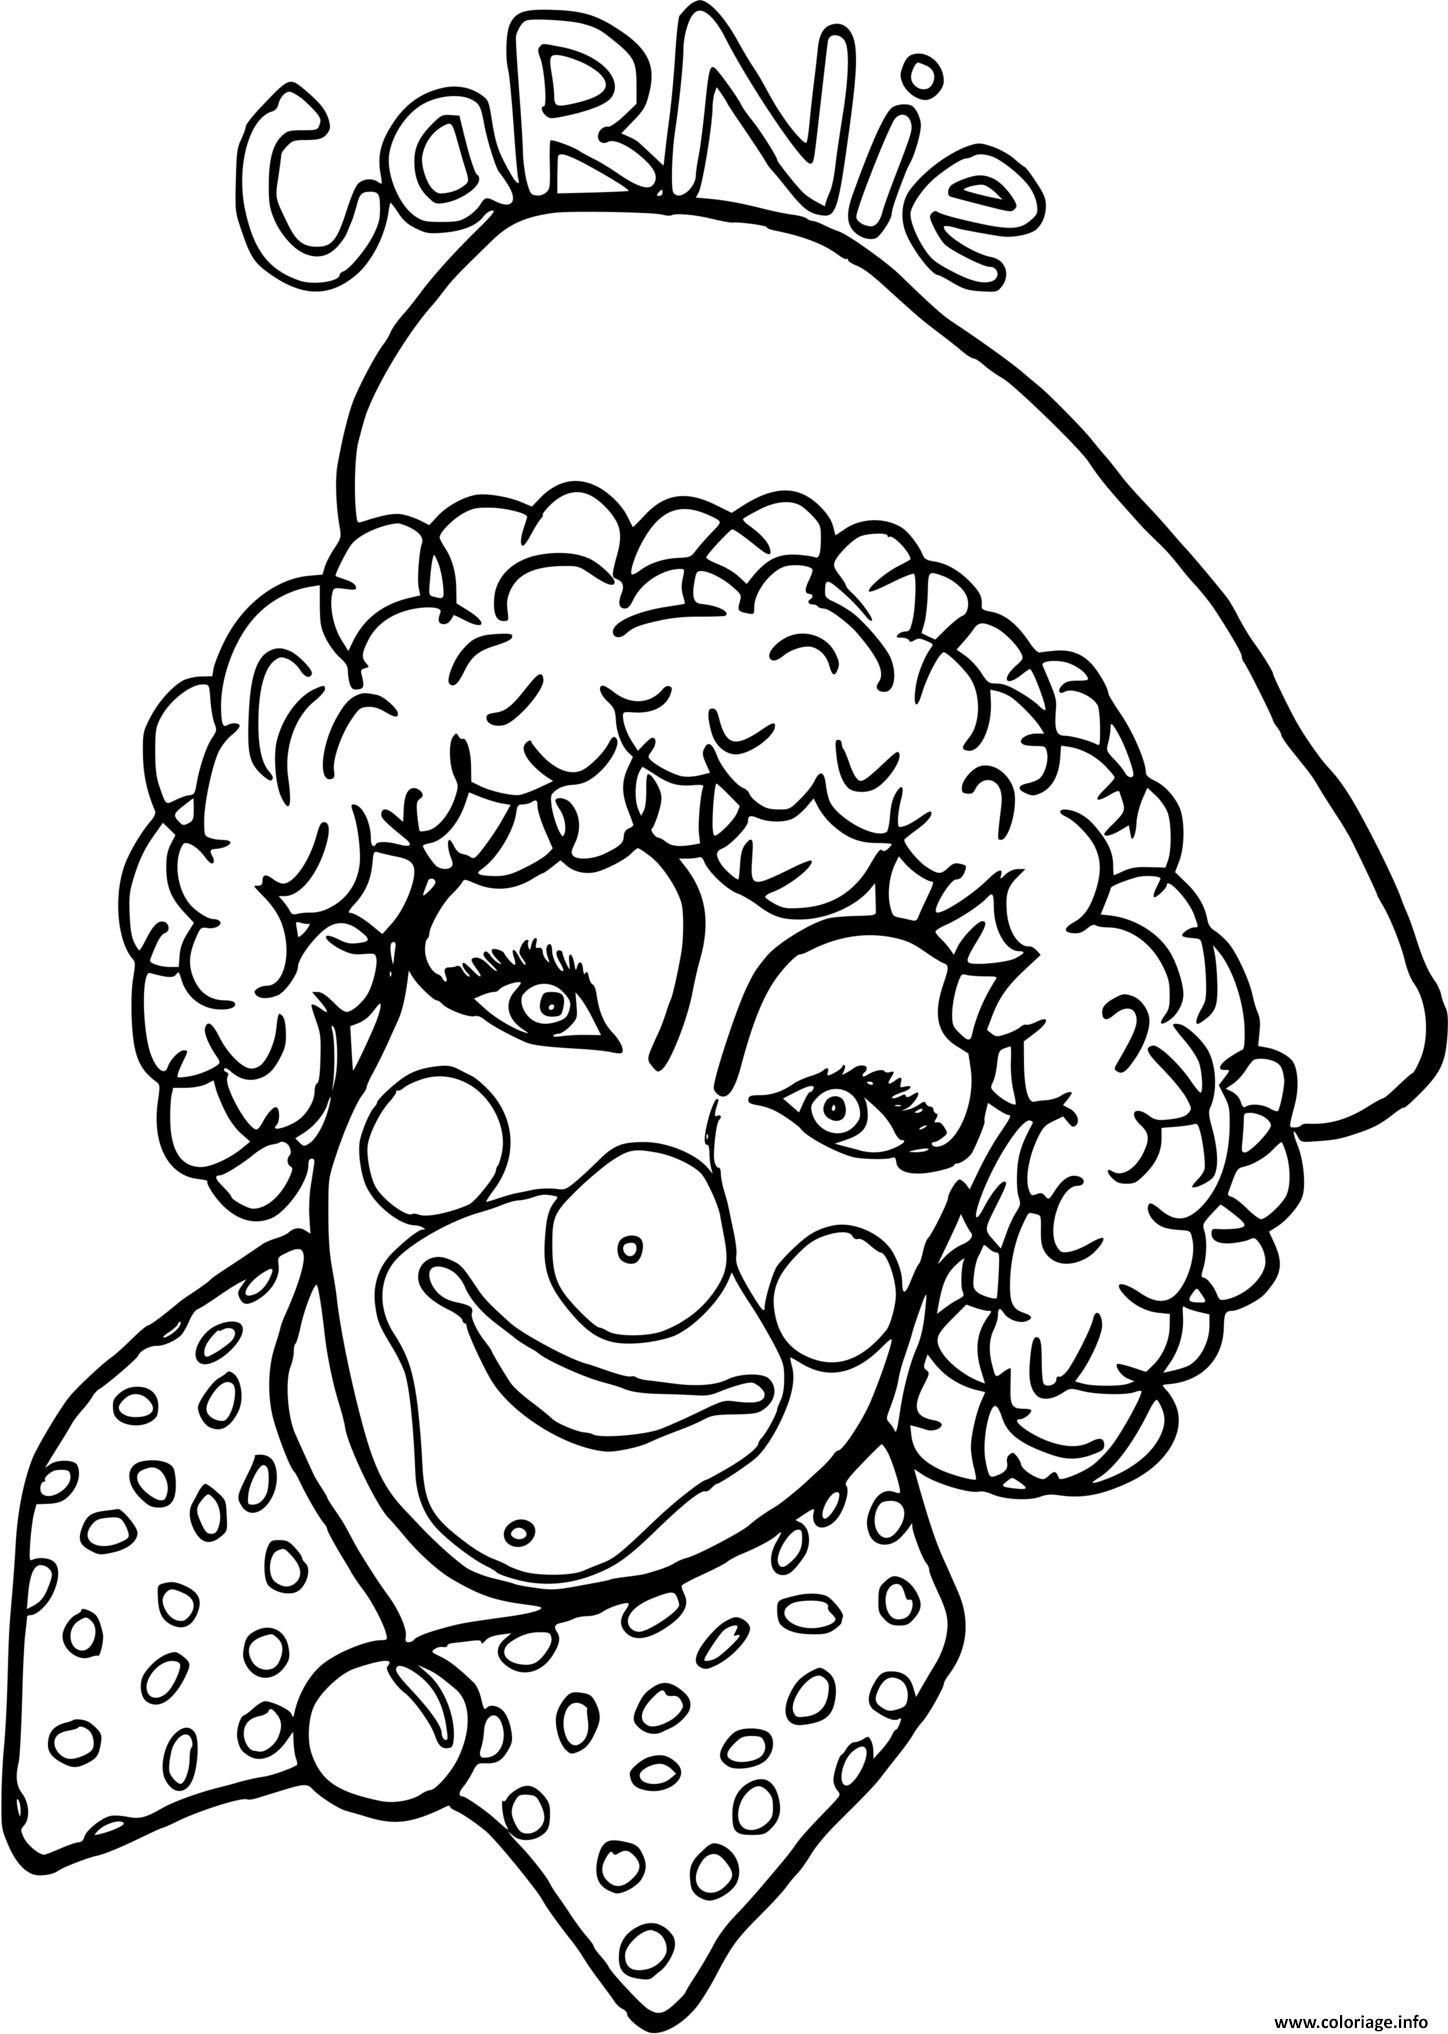 Dessin dessin clown Carnie Coloriage Gratuit à Imprimer